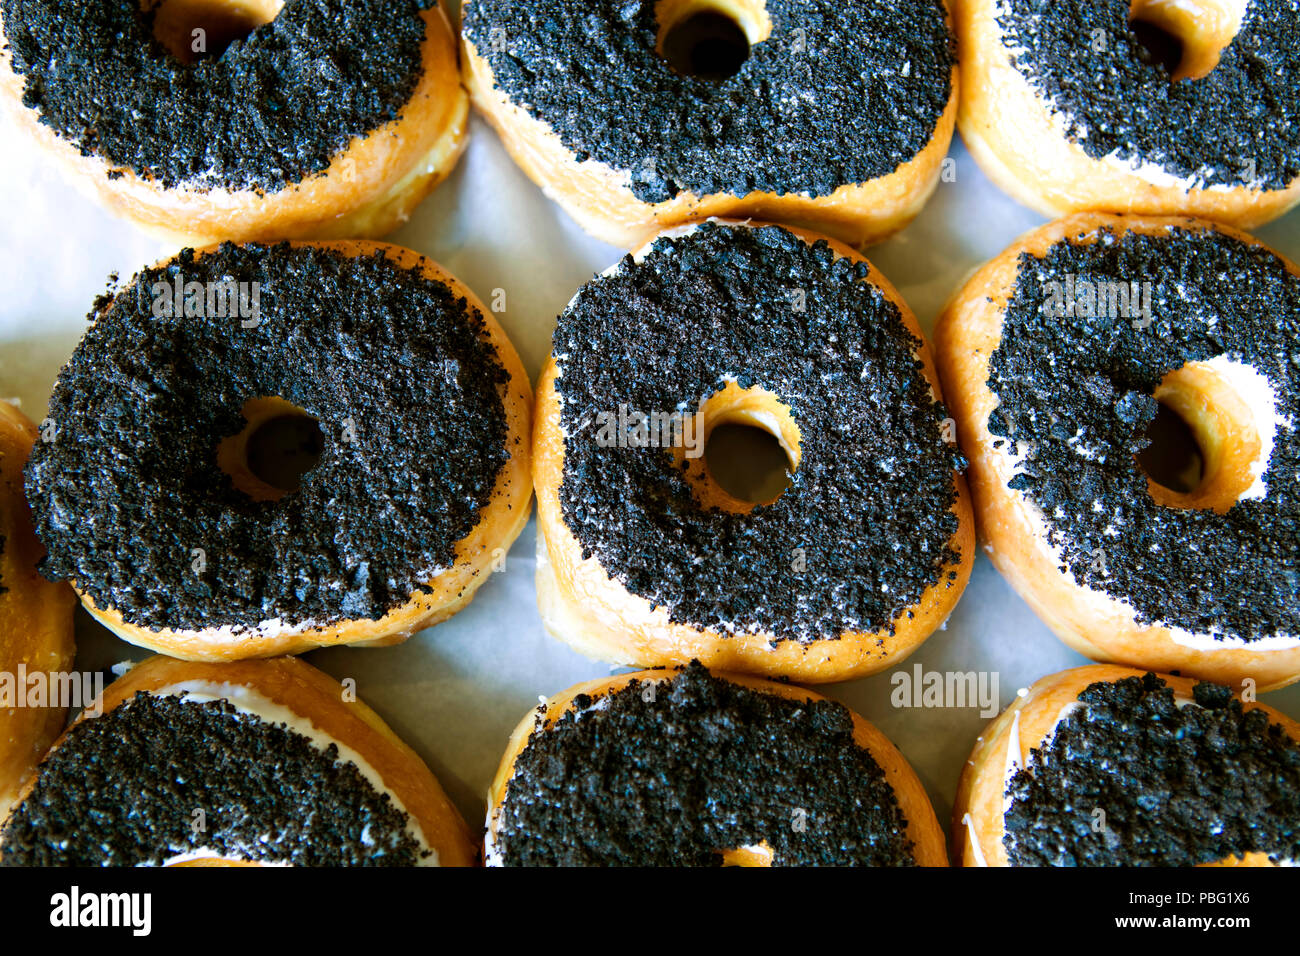 Frische donuts von Hand gefertigt Stockbild